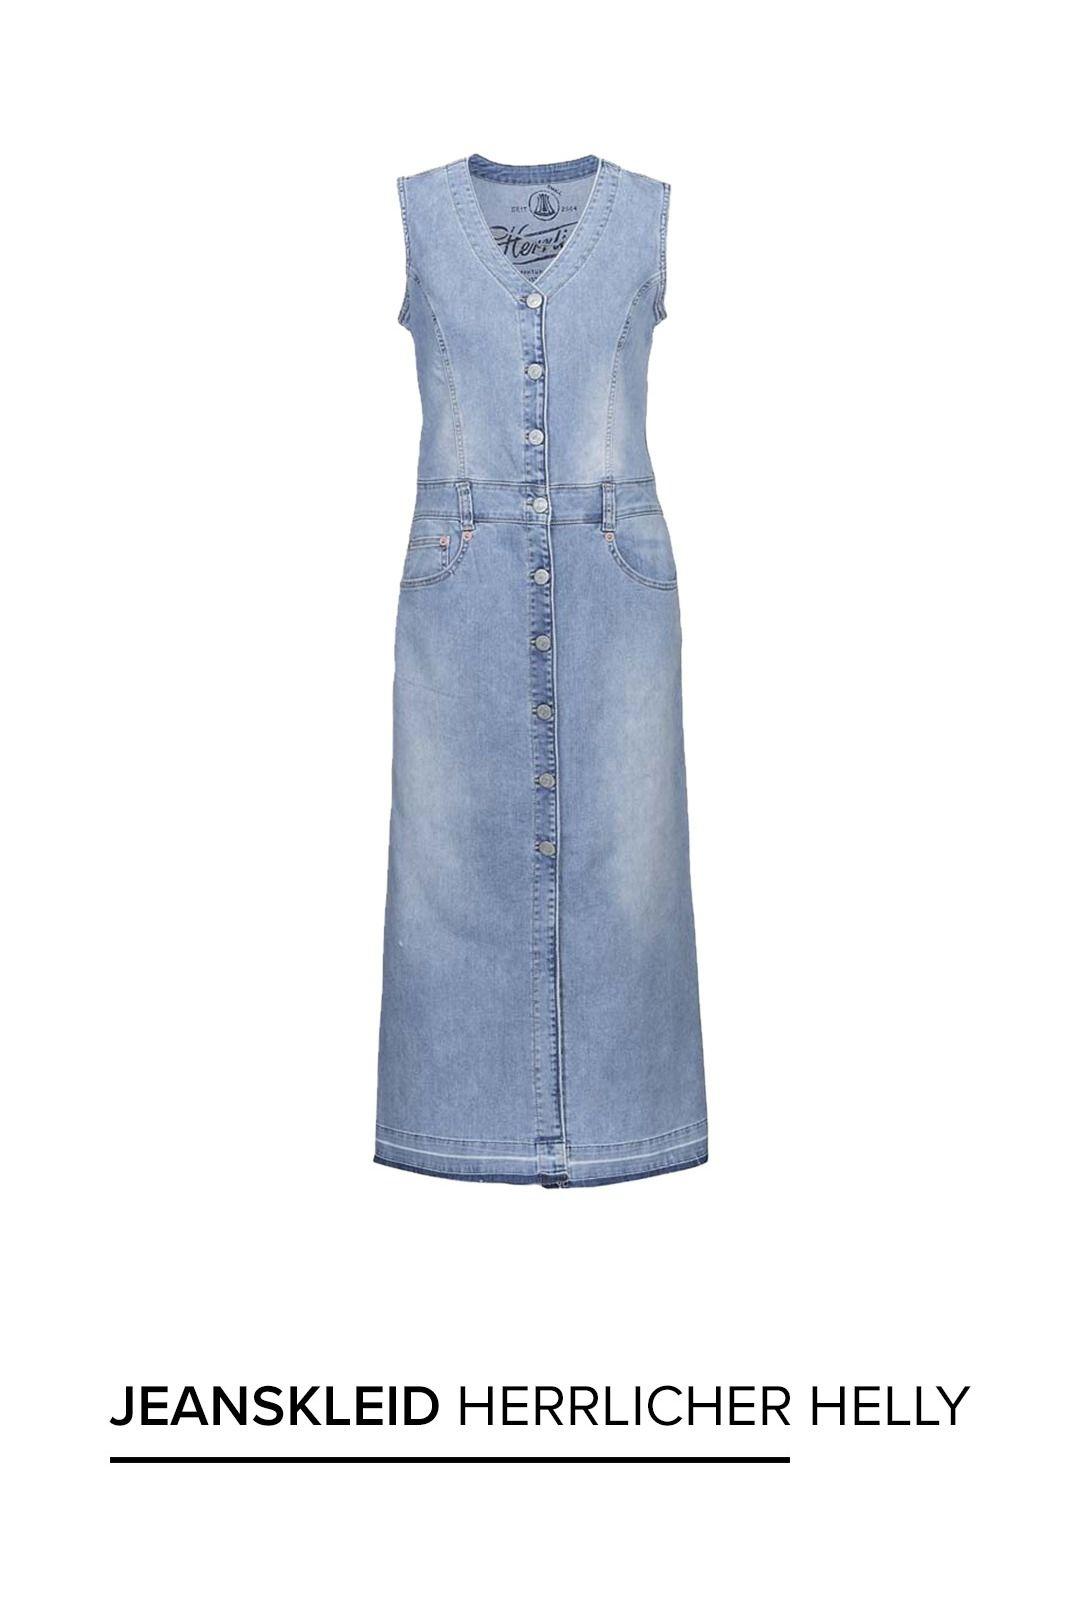 Herrlicher Helly Maxi #Jeanskleid #mode #kleid #denim